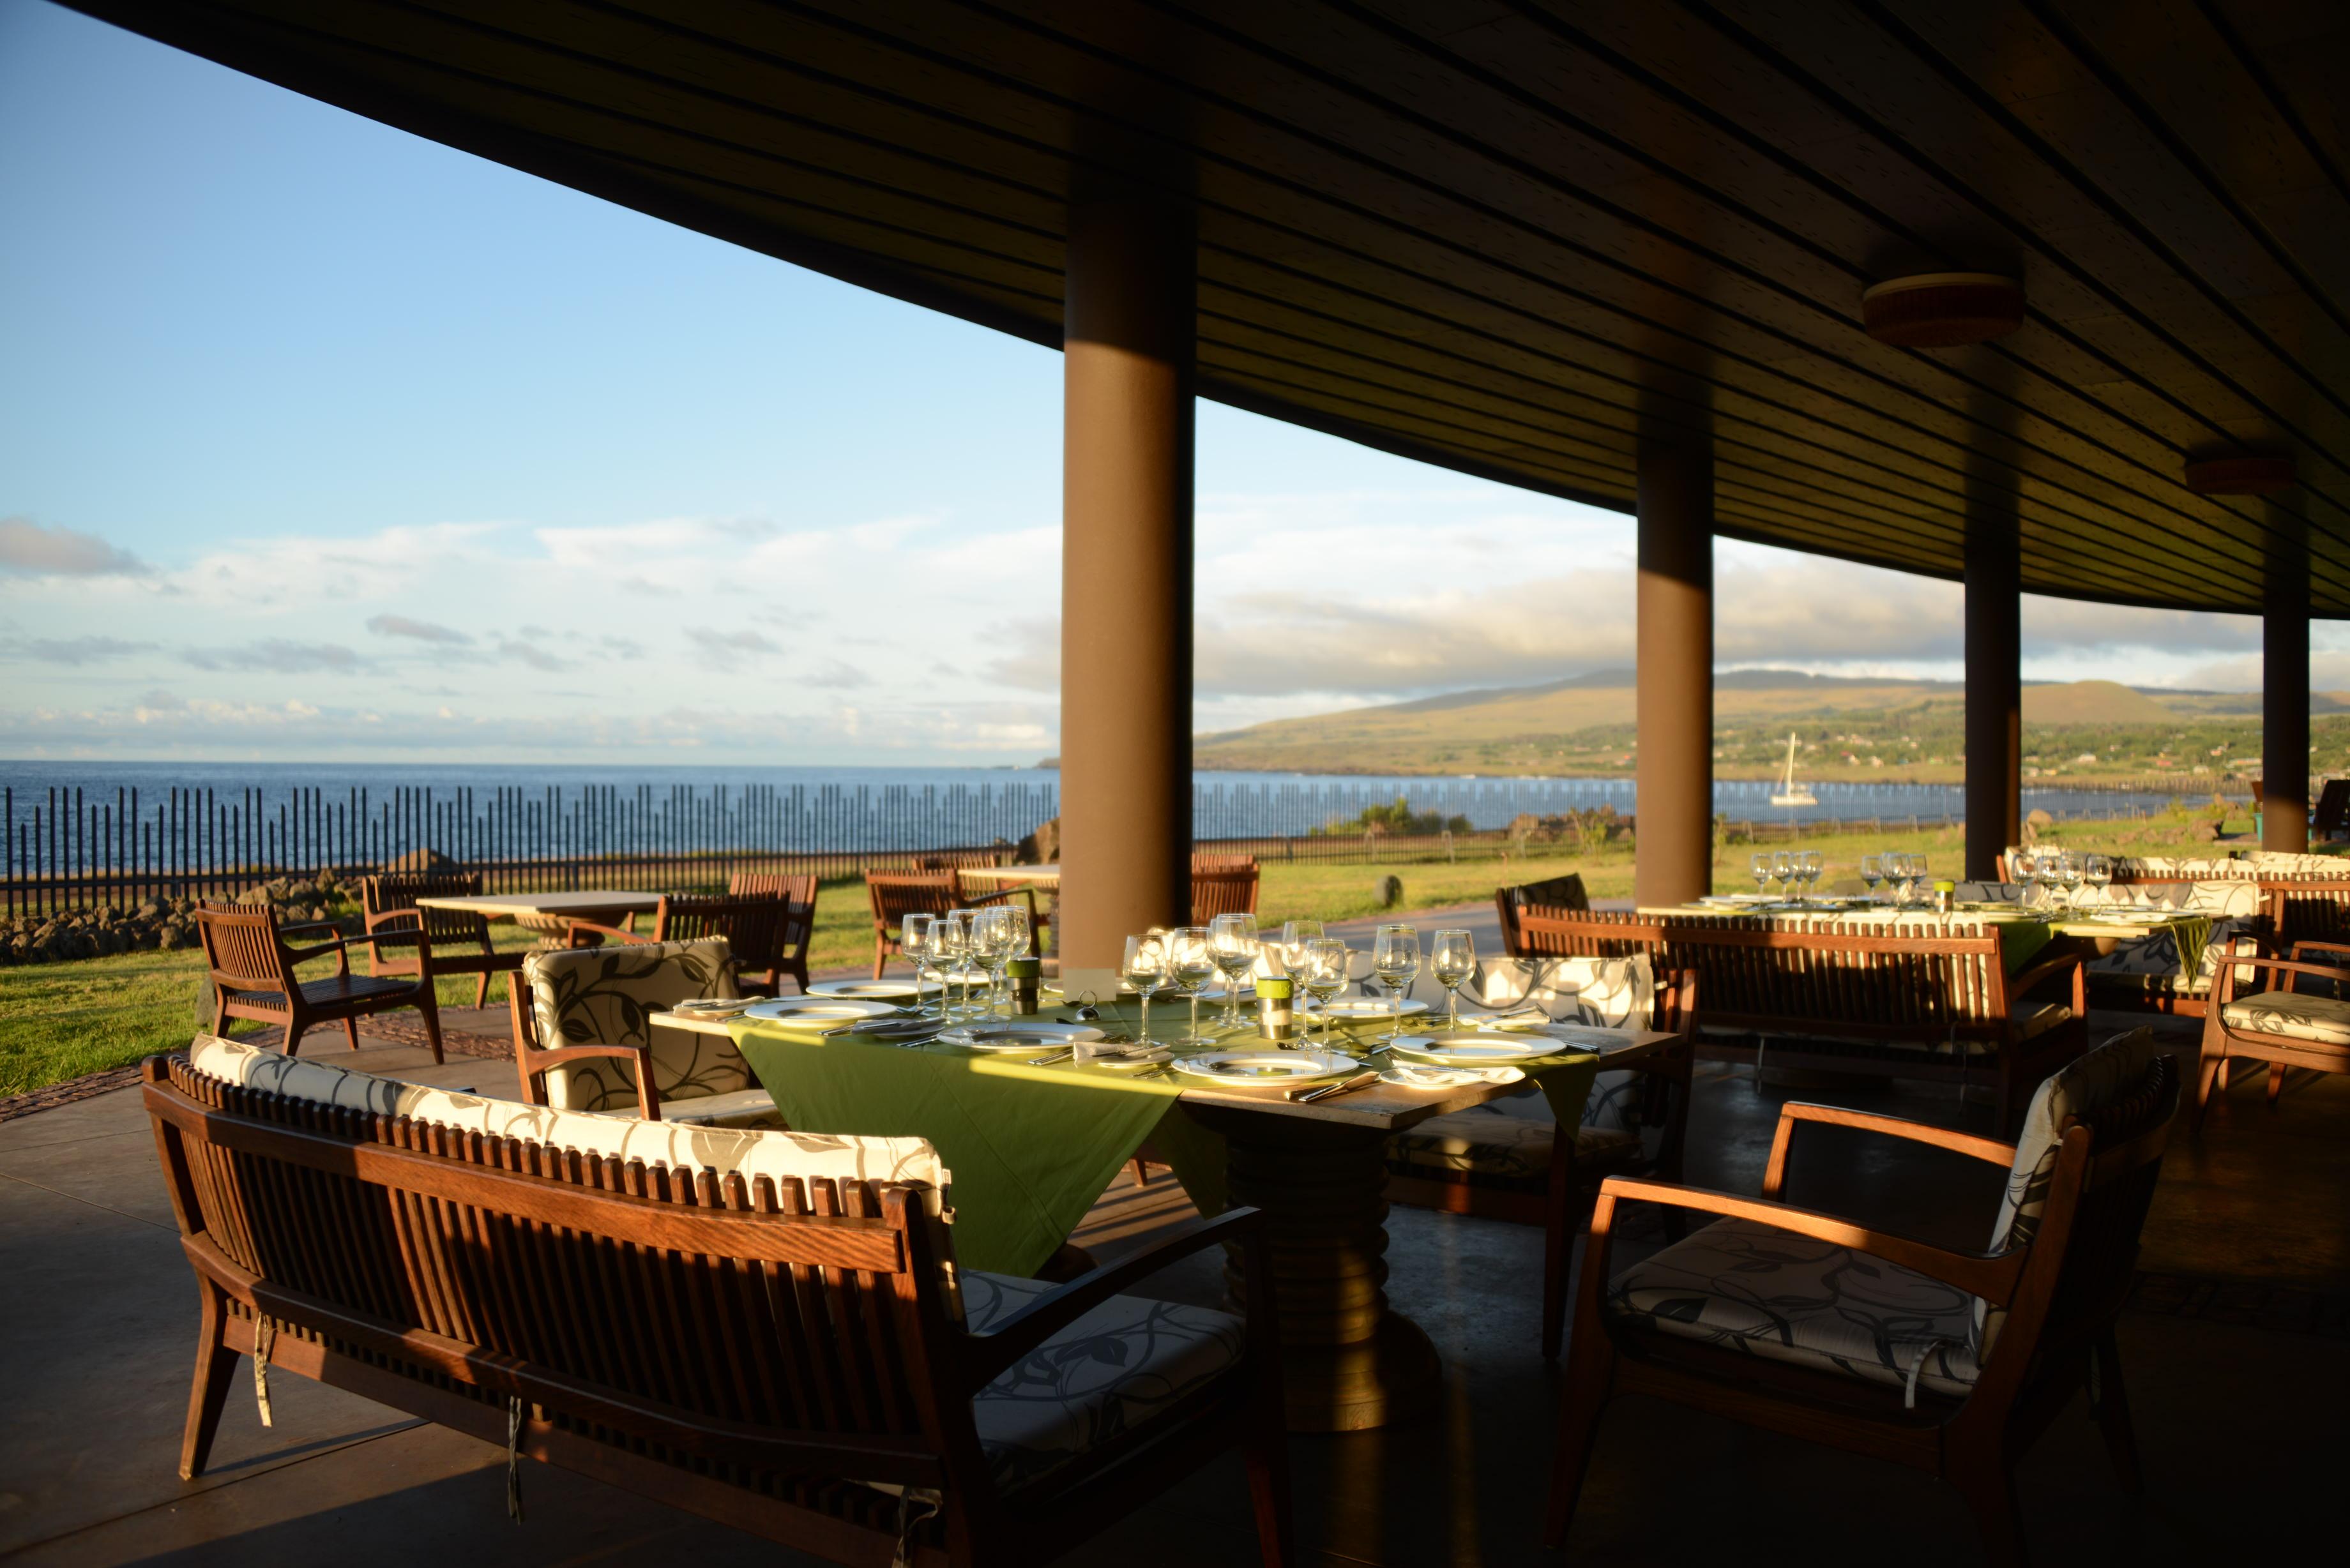 Poerava terrace view- Terraza del Poerava